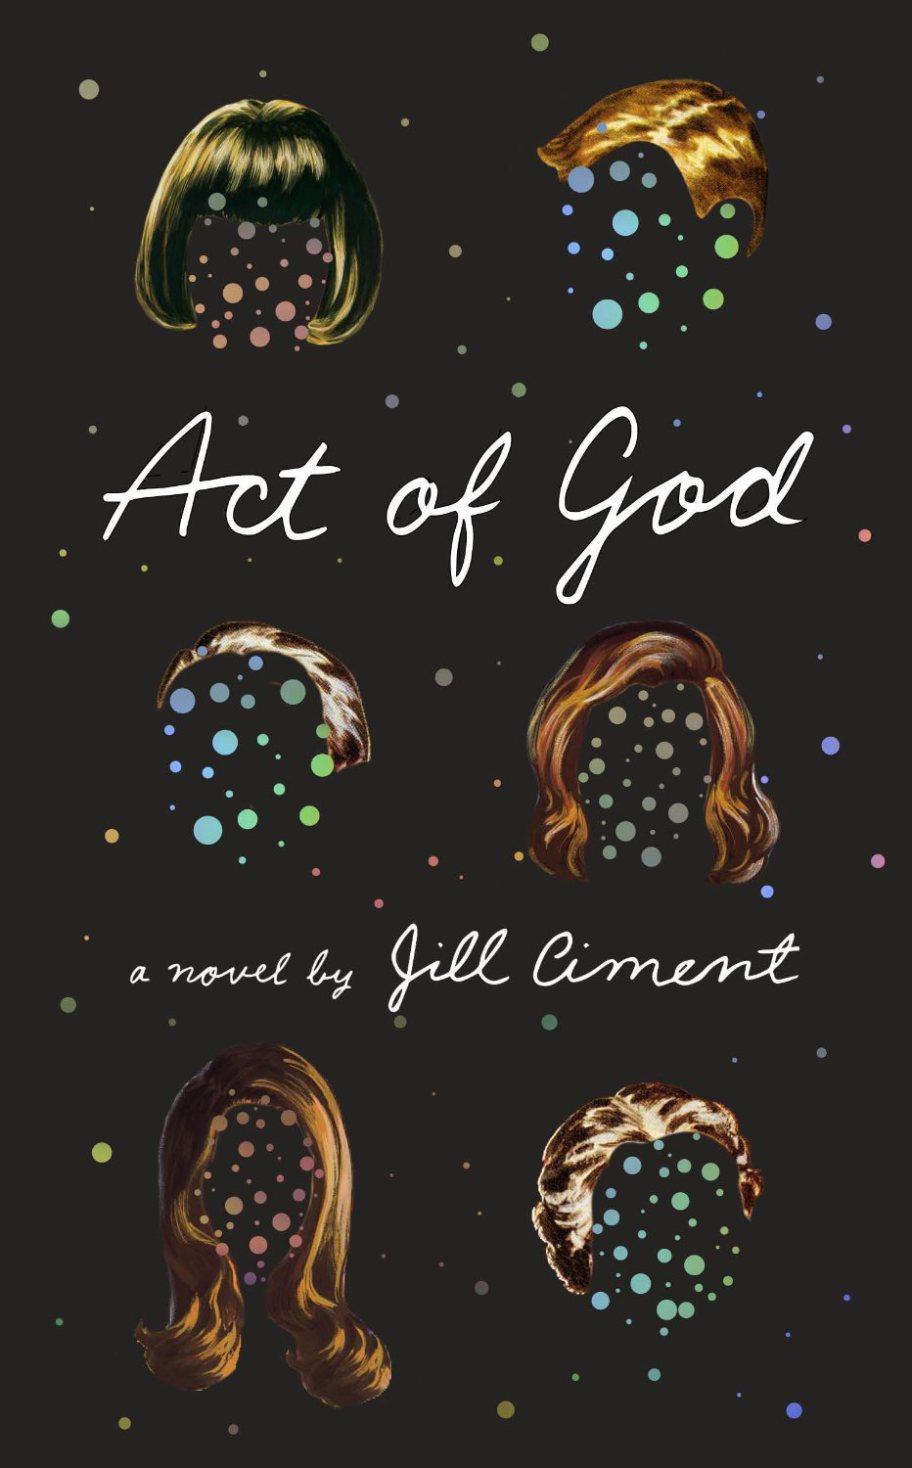 Act-of-God-design-Janet-Hansen.jpg